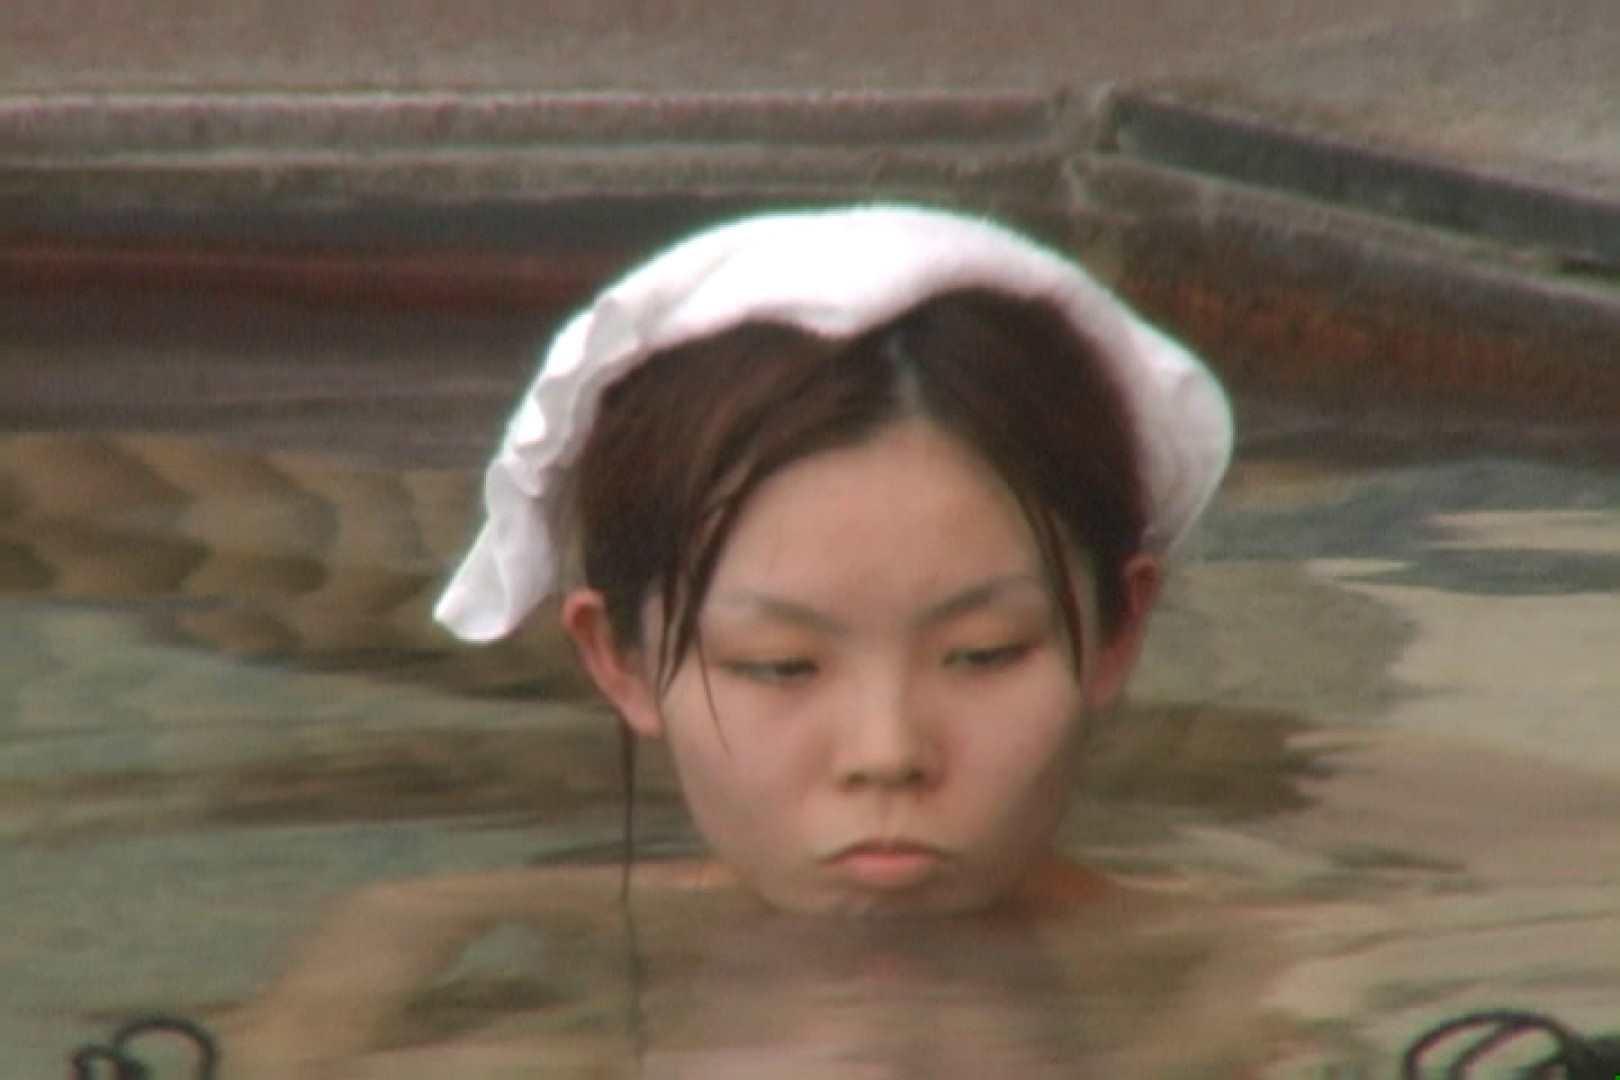 Aquaな露天風呂Vol.580 0   0  103pic 57